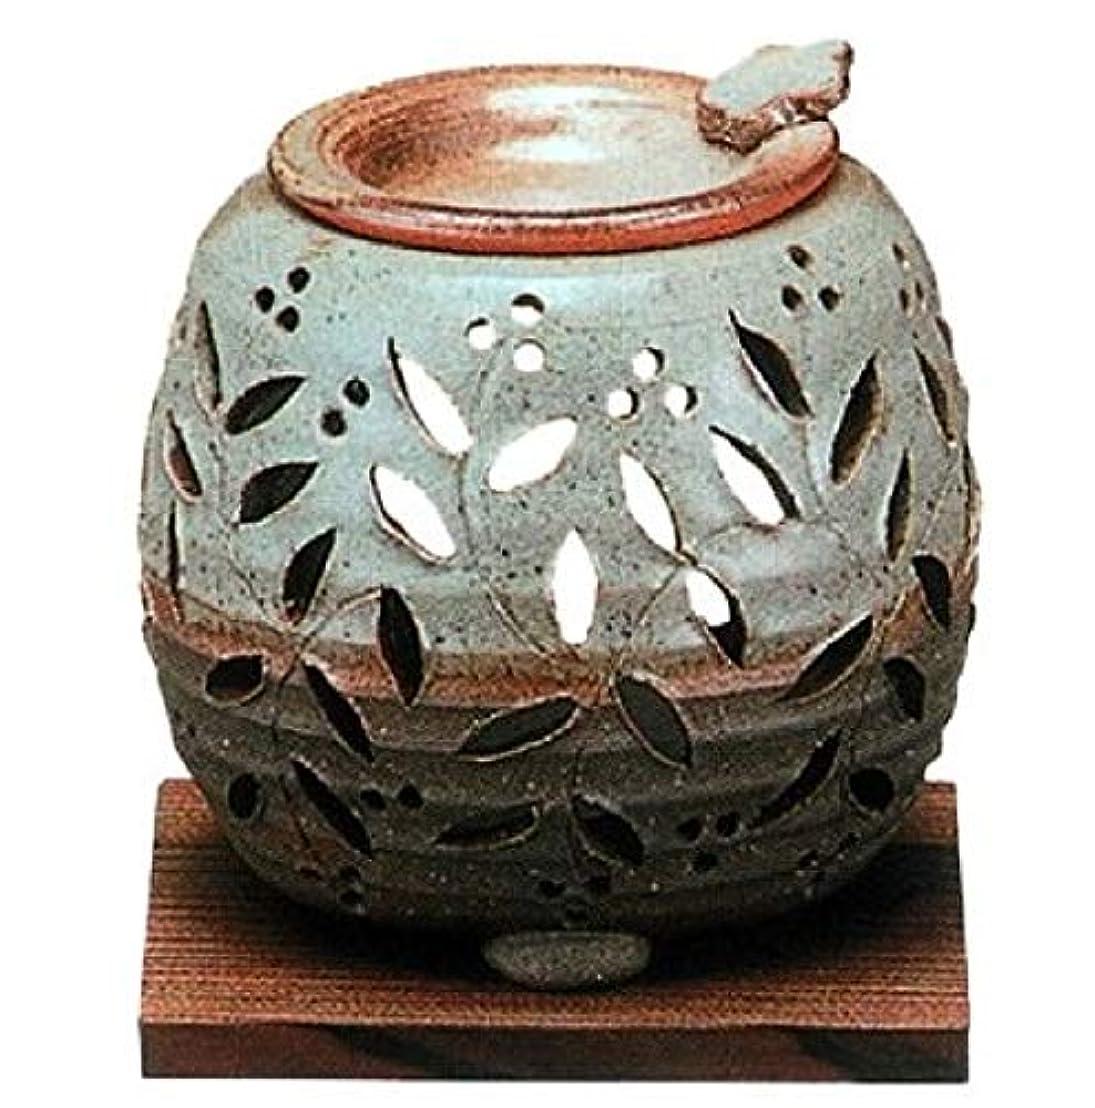 知性参照ピュー【常滑焼】石龍 緑灰釉花透かし彫り茶香炉 灰釉花透かし  φ11×H11㎝ 3-829